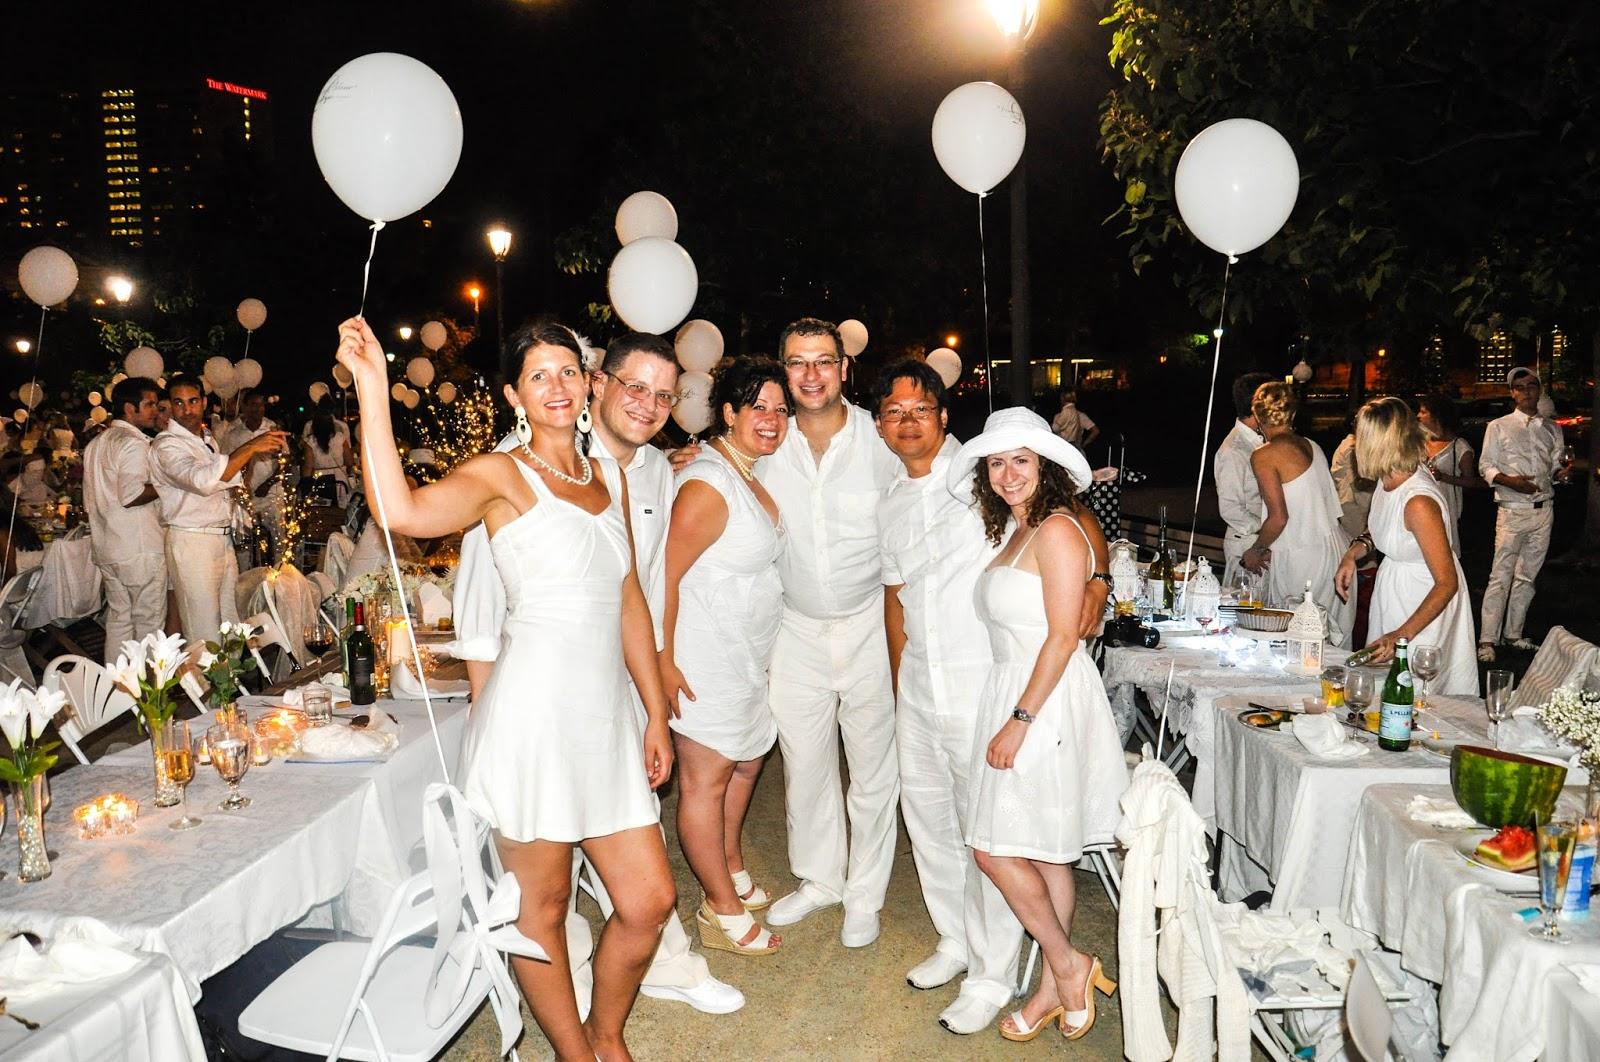 Le d ner en blanc paris pressamedia for Diner dans un jardin paris